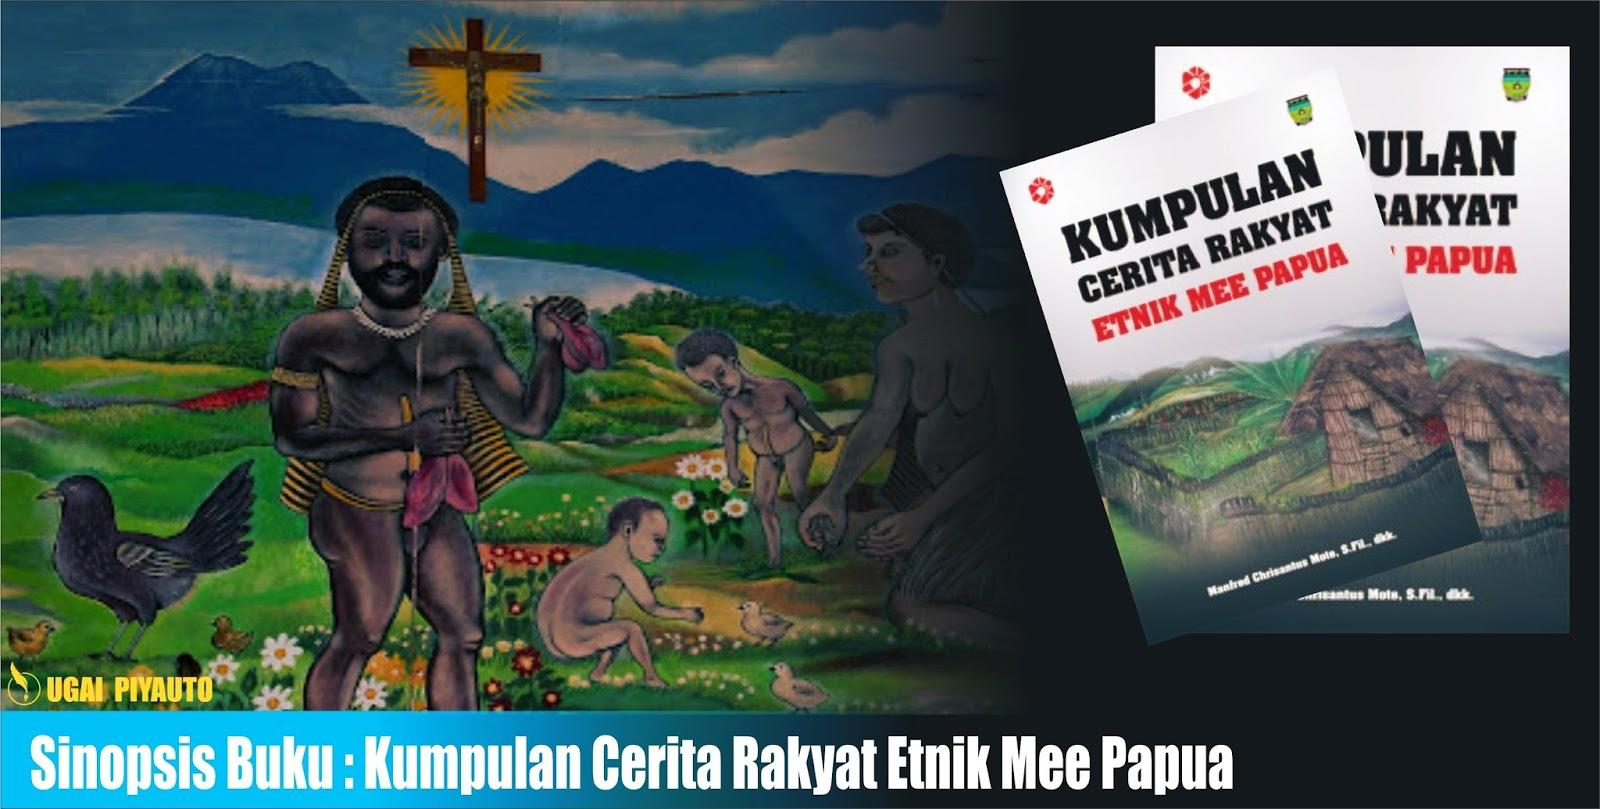 Ugai Piyauto Sinopsis Buku Kumpulan Cerita Rakyat Etnik Mee Papua